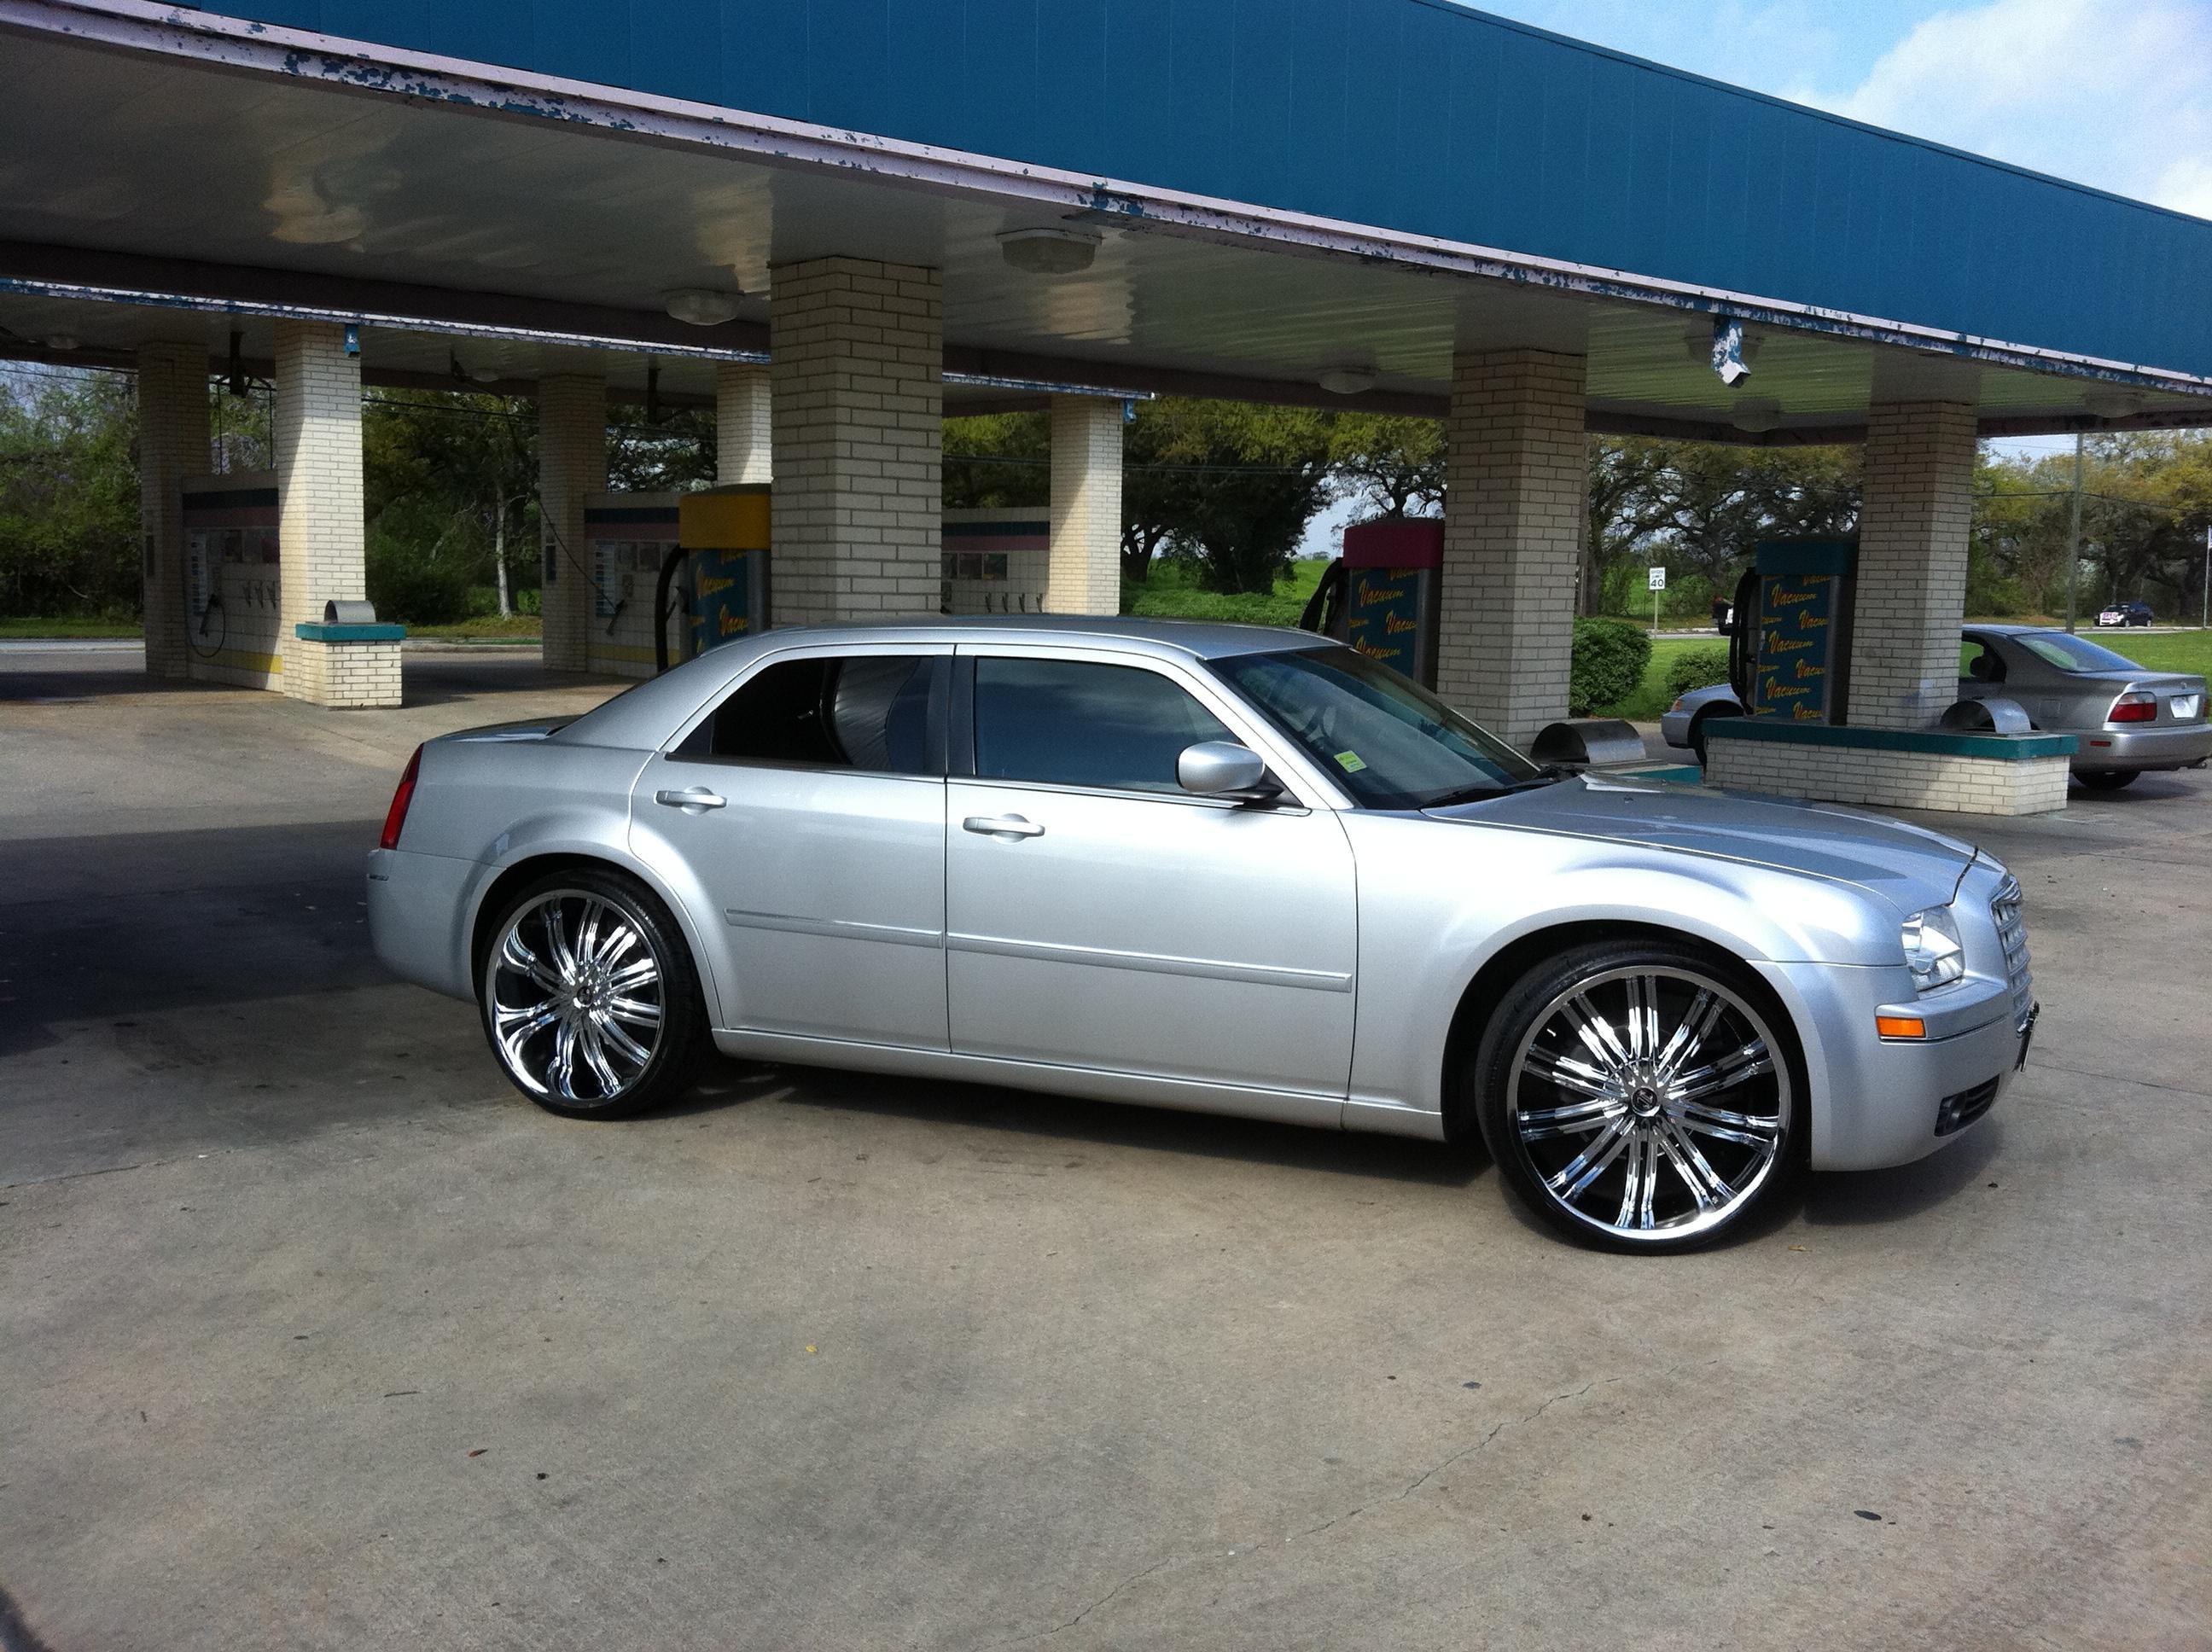 Chrysler 300c Tuning >> 2007 CHRYSLER 300 - Image #13